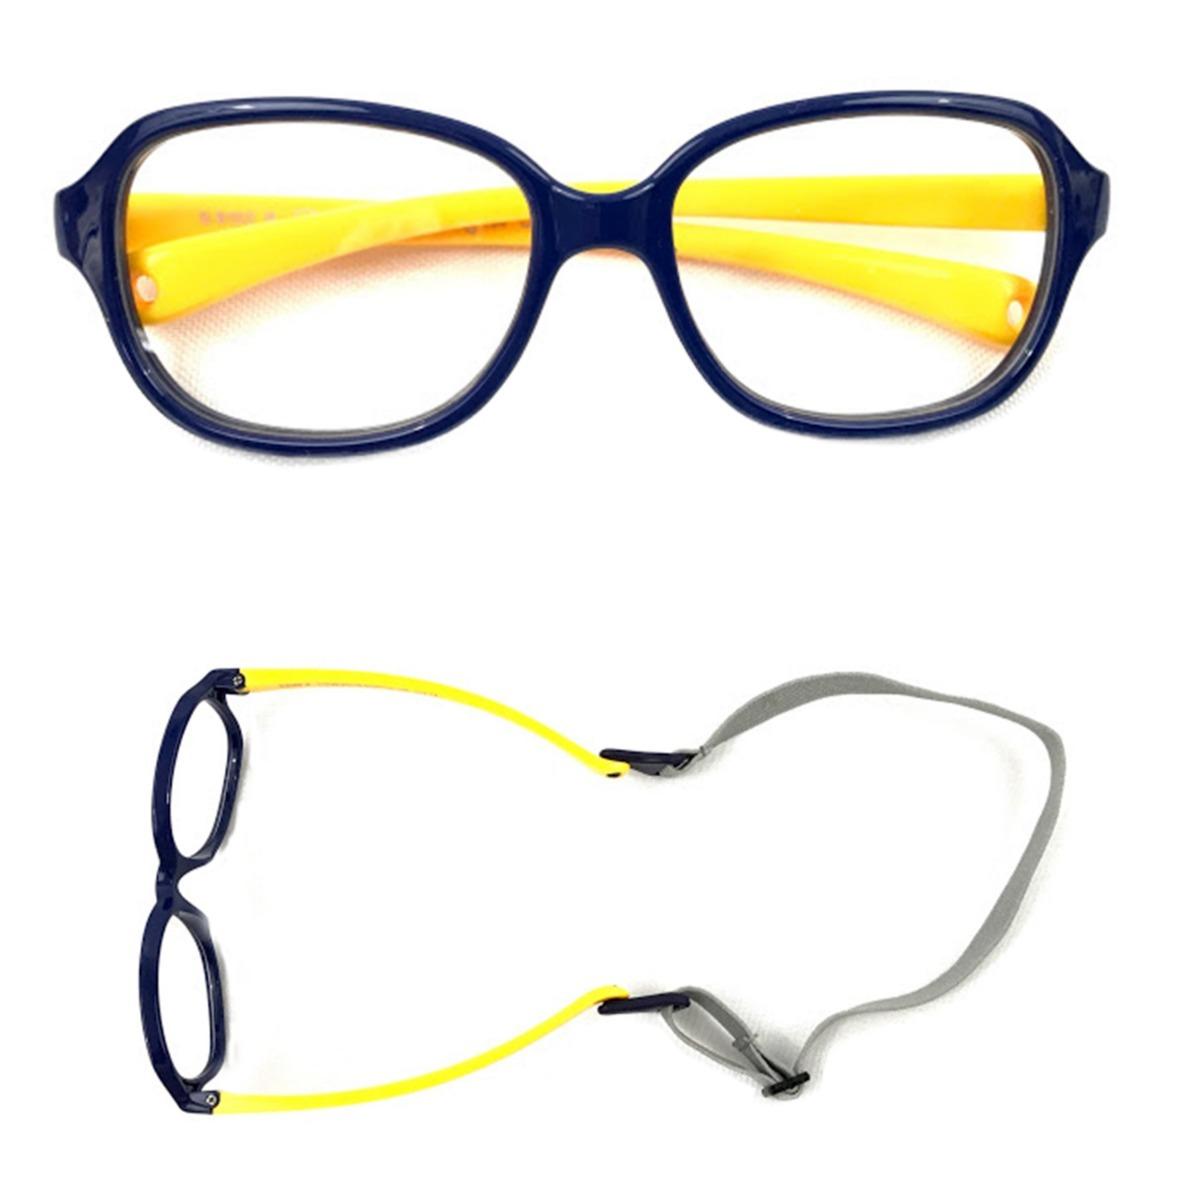 1869b8be2 8192 Armação Óculos Grau Infantil Flexível Silicone Menino - R$ 120 ...